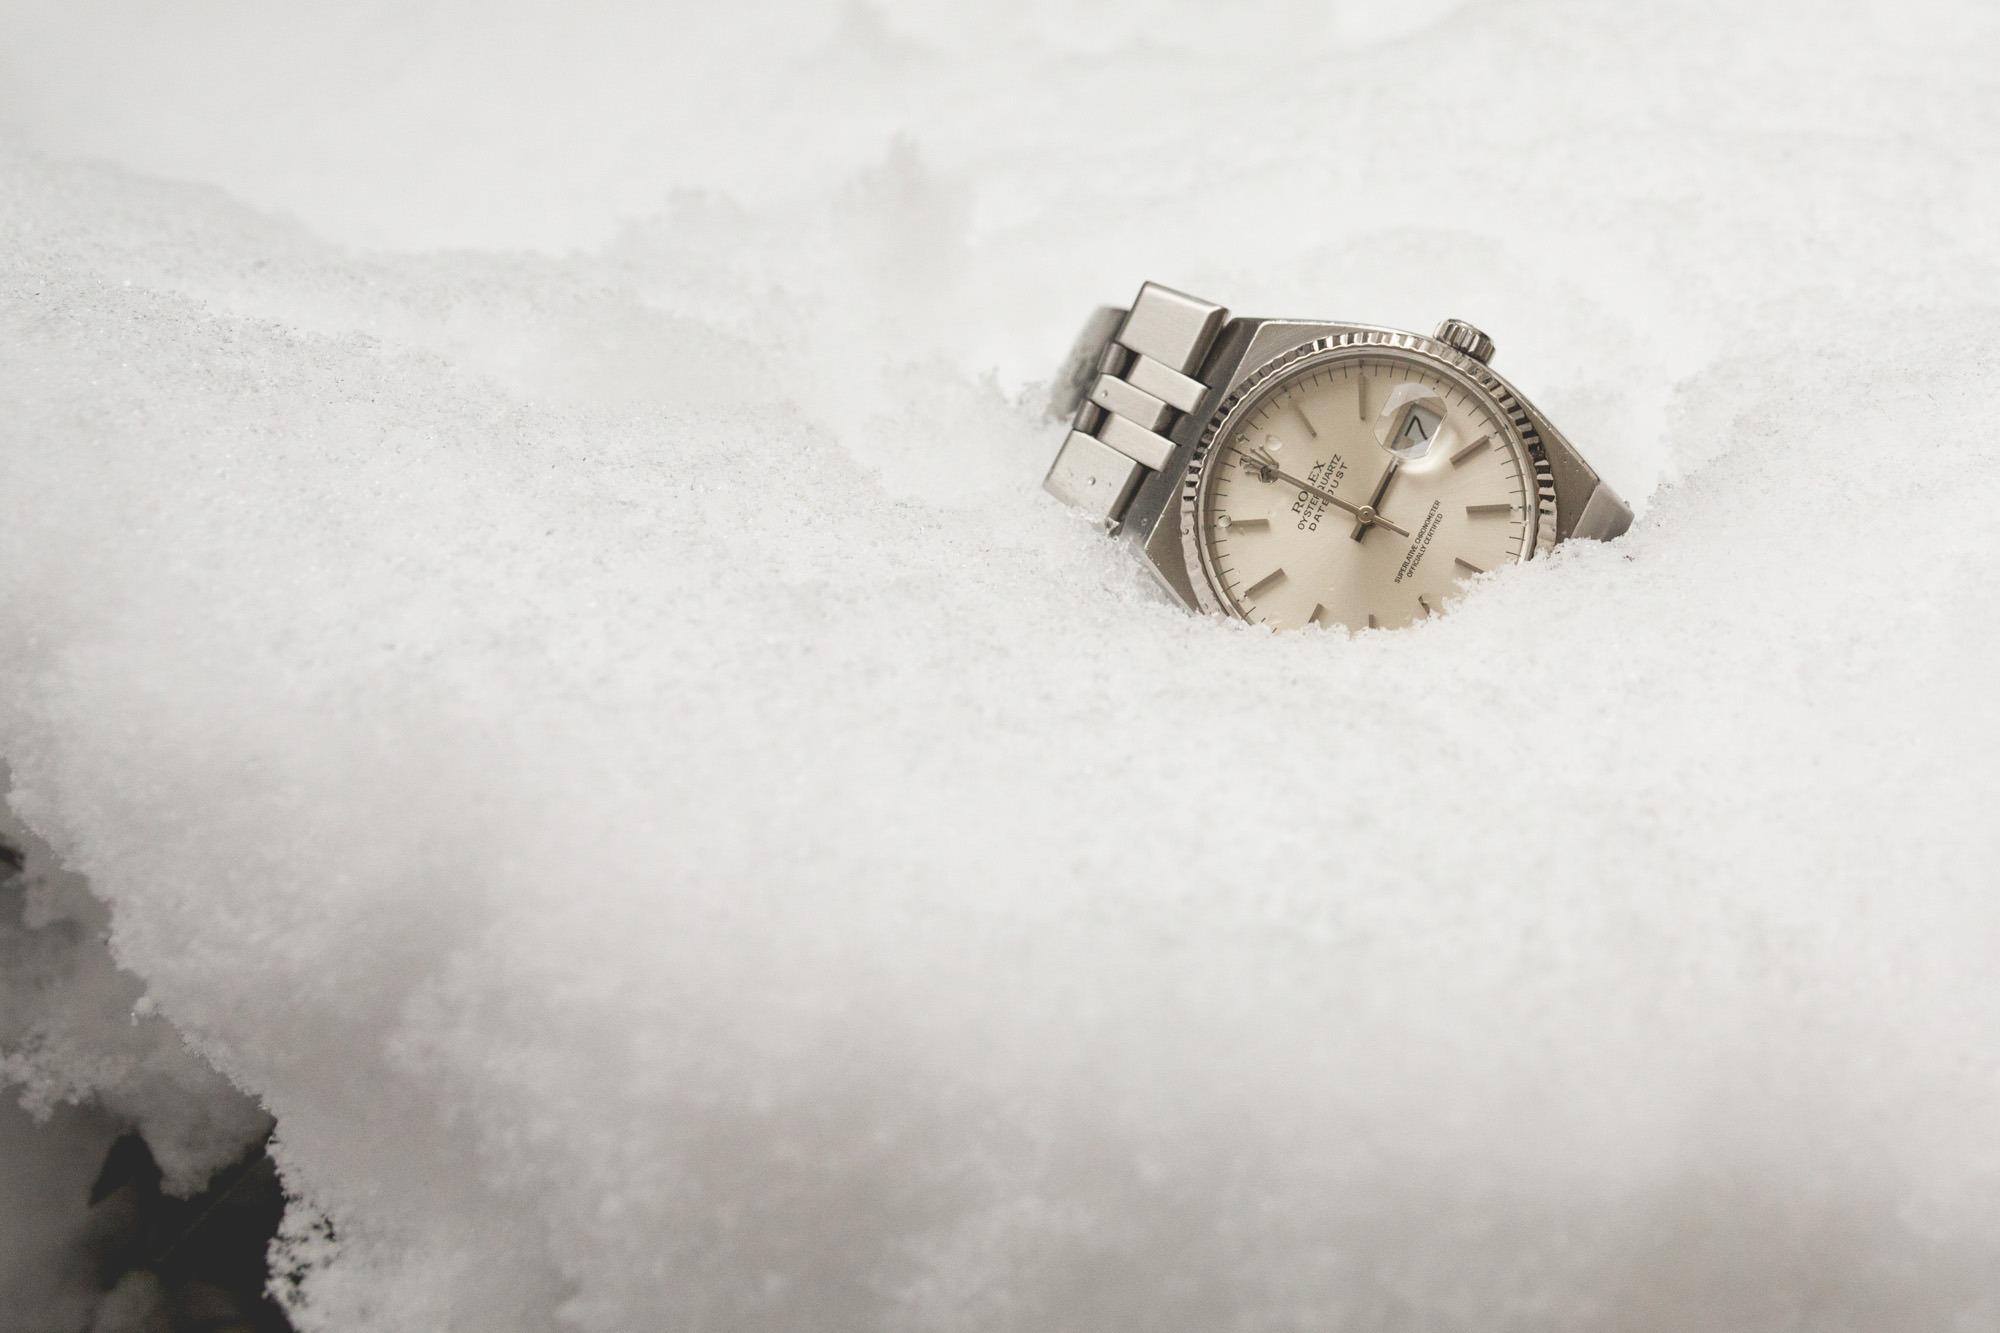 Rolex Oysterquartz - Datejust 17014 - snow